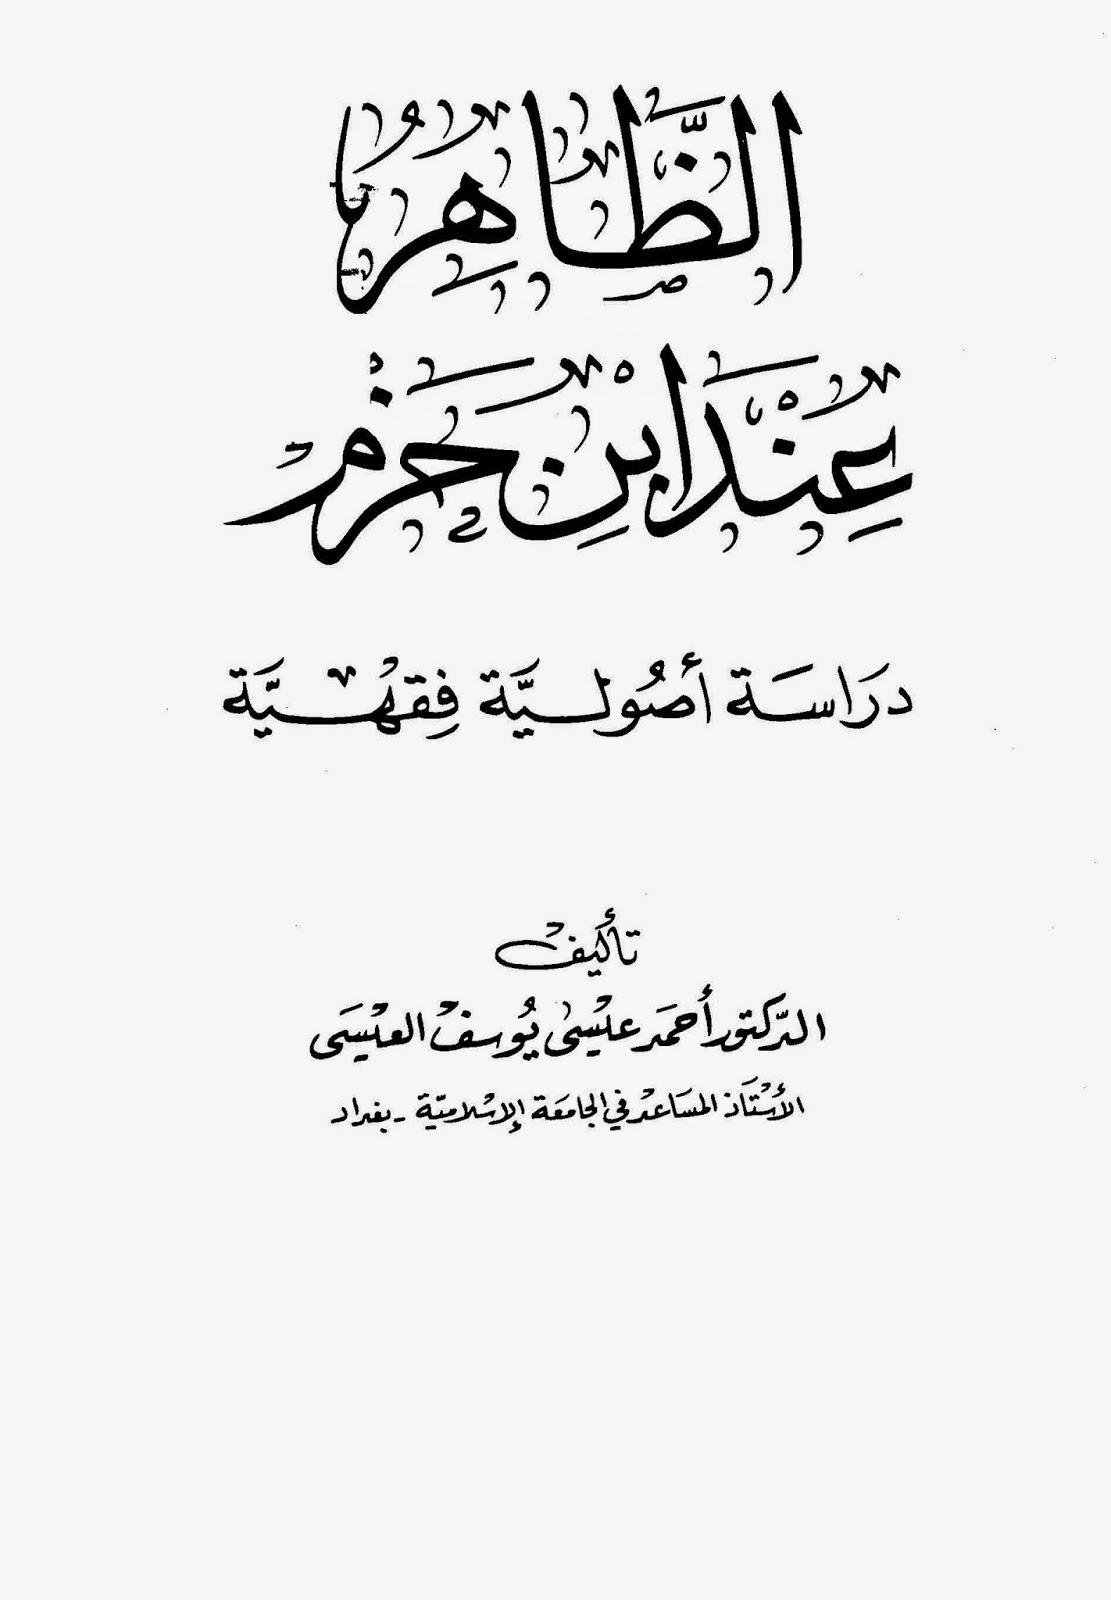 الظاهر عند ابن حزم دراسة أصولية فقهية - أحمد عيسى يوسف العيسى